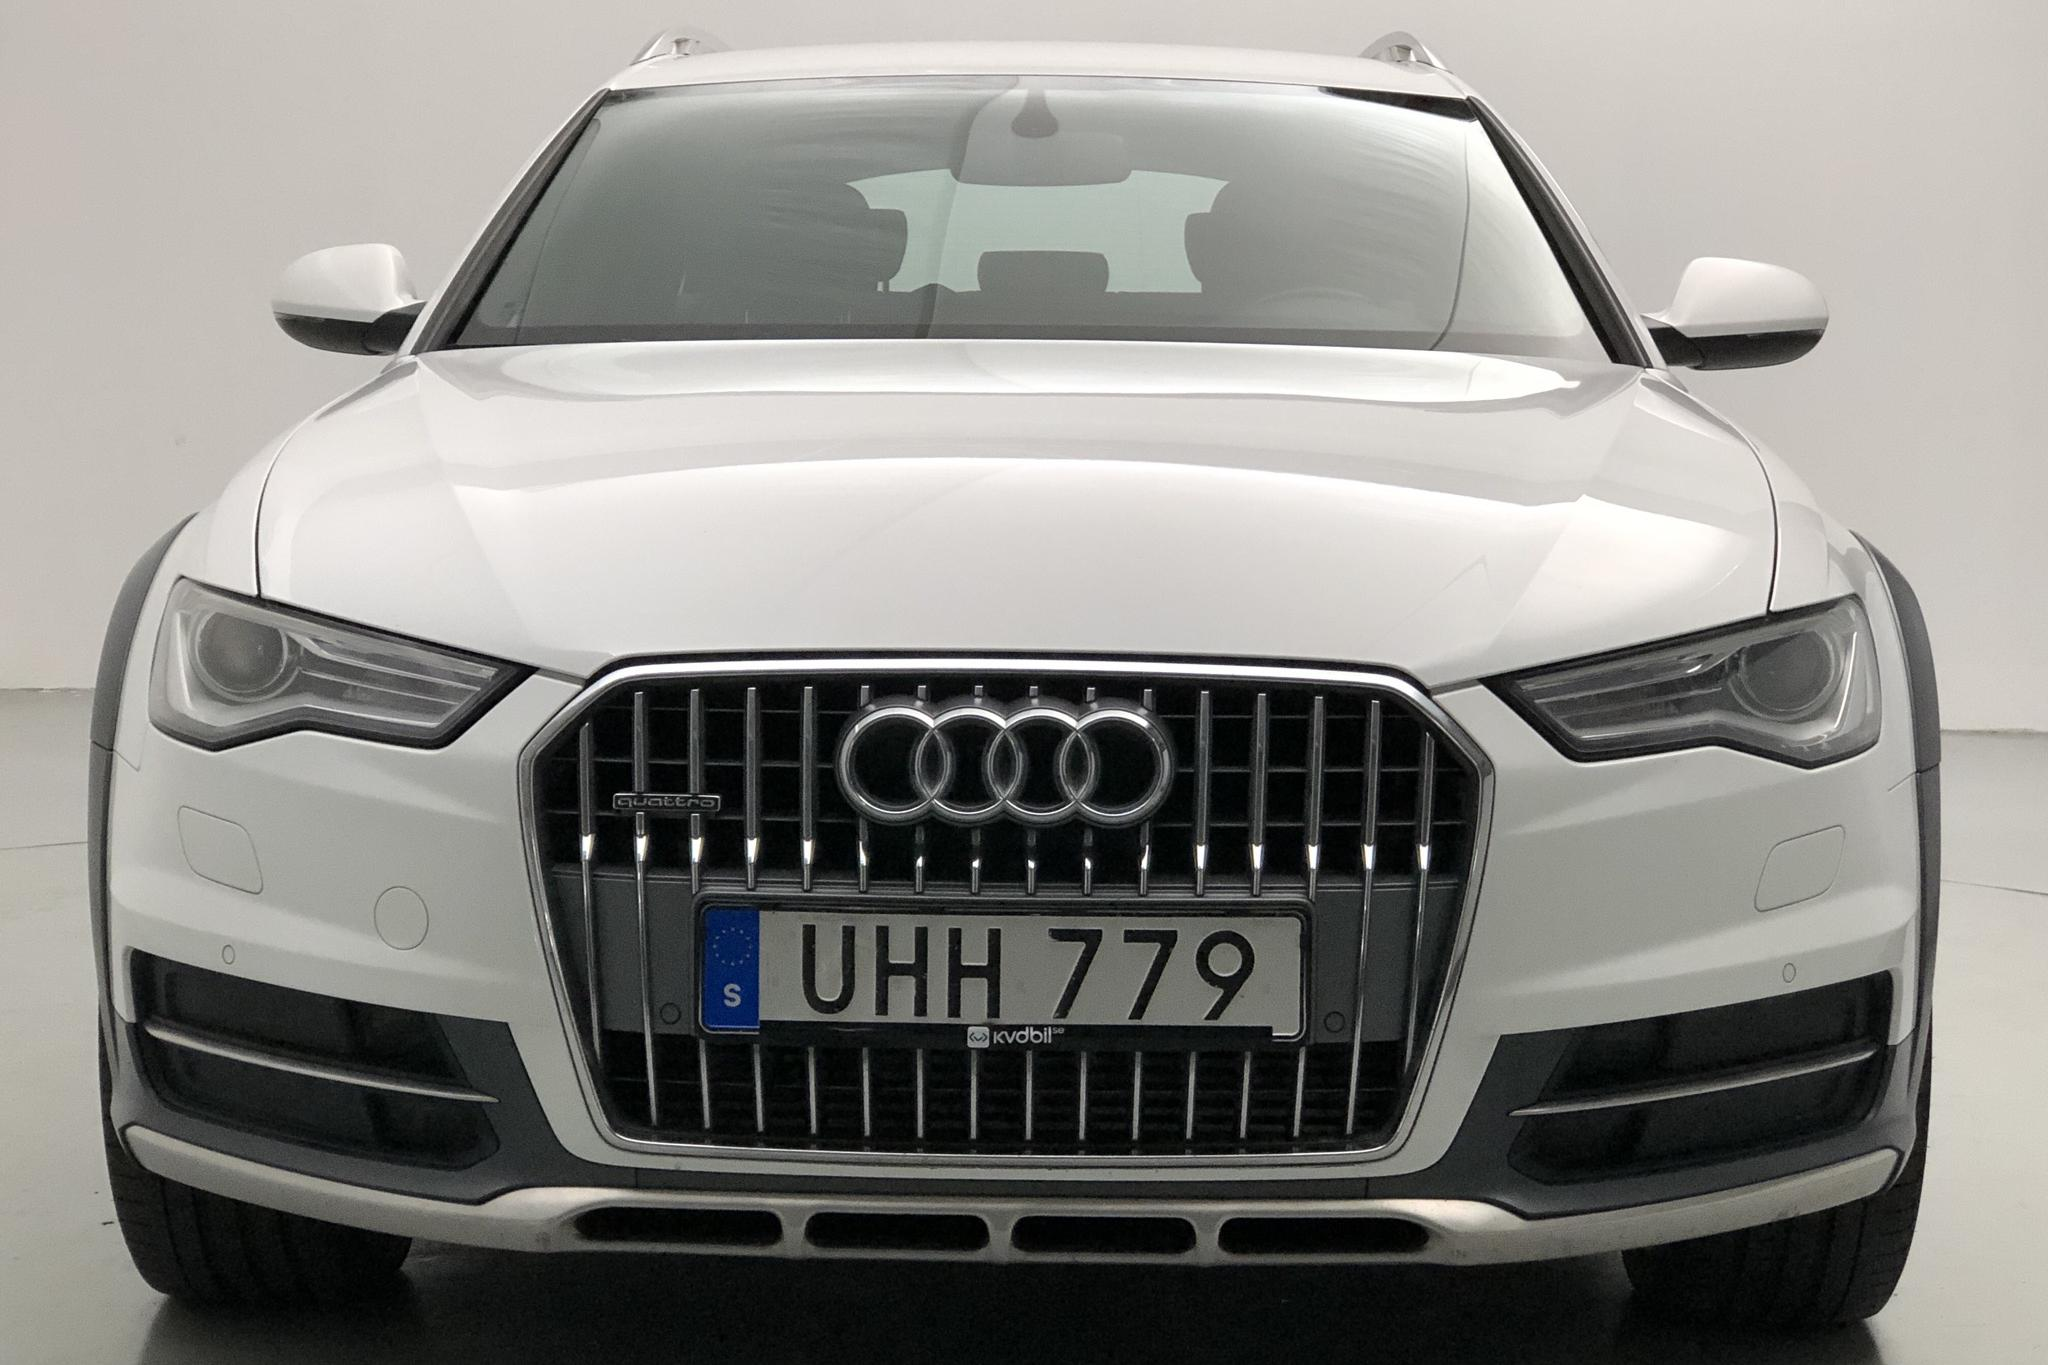 Audi A6 Allroad 3.0 TDI quattro (218hk) - 129 890 km - Automatic - white - 2015